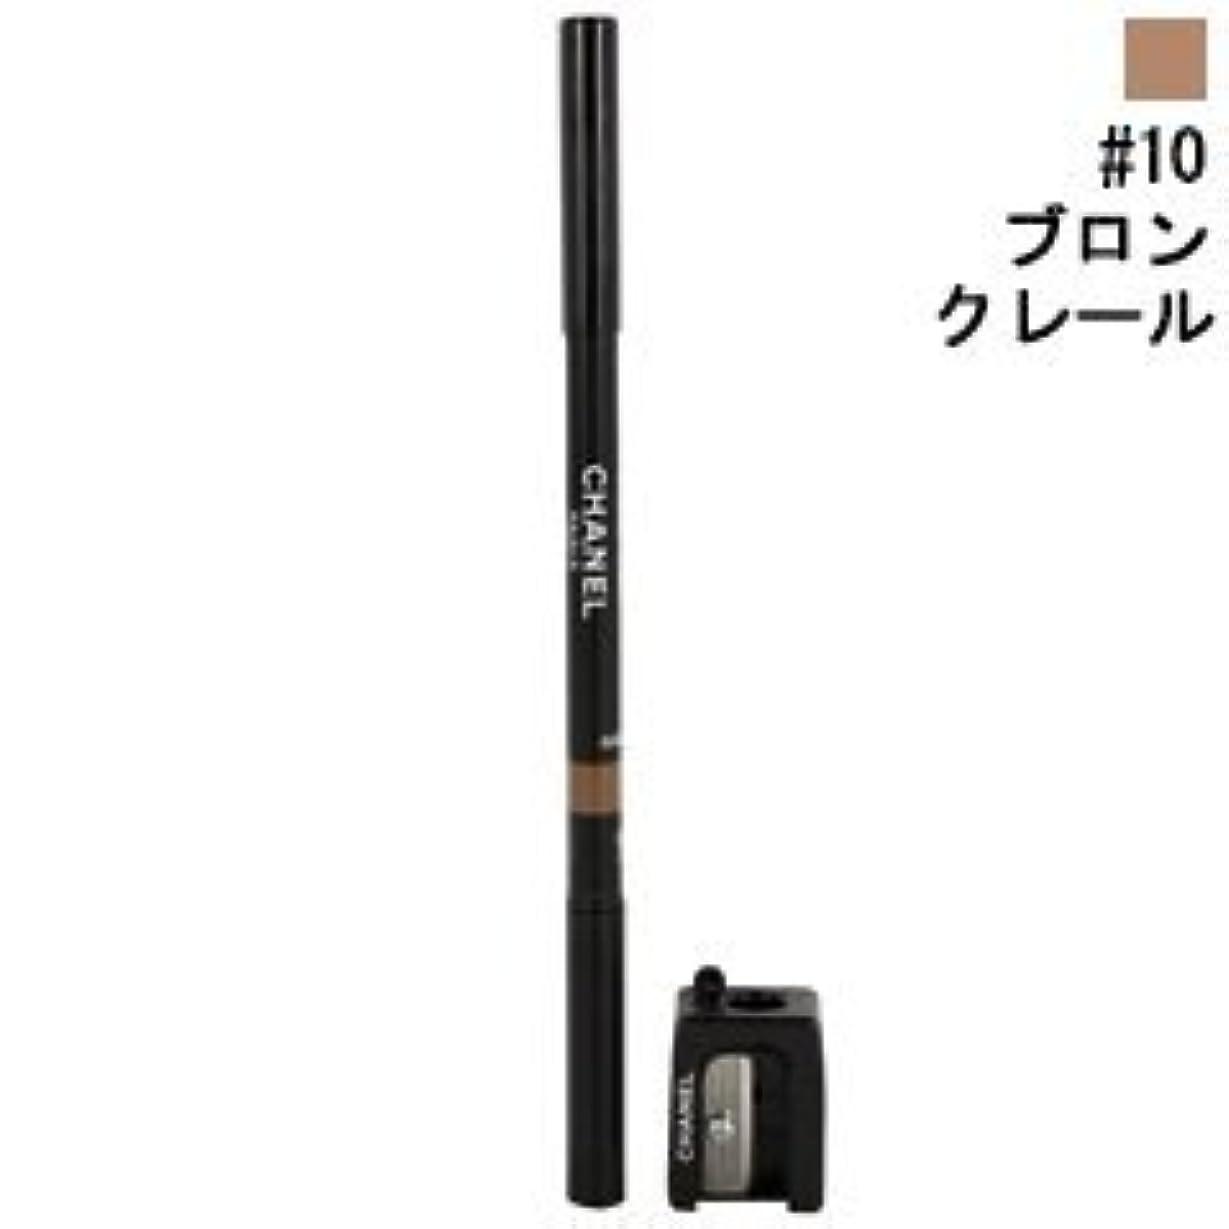 不条理ジョイント政権【シャネル】クレイヨン スルスィル #10 ブロン クレール 1g (並行輸入品)